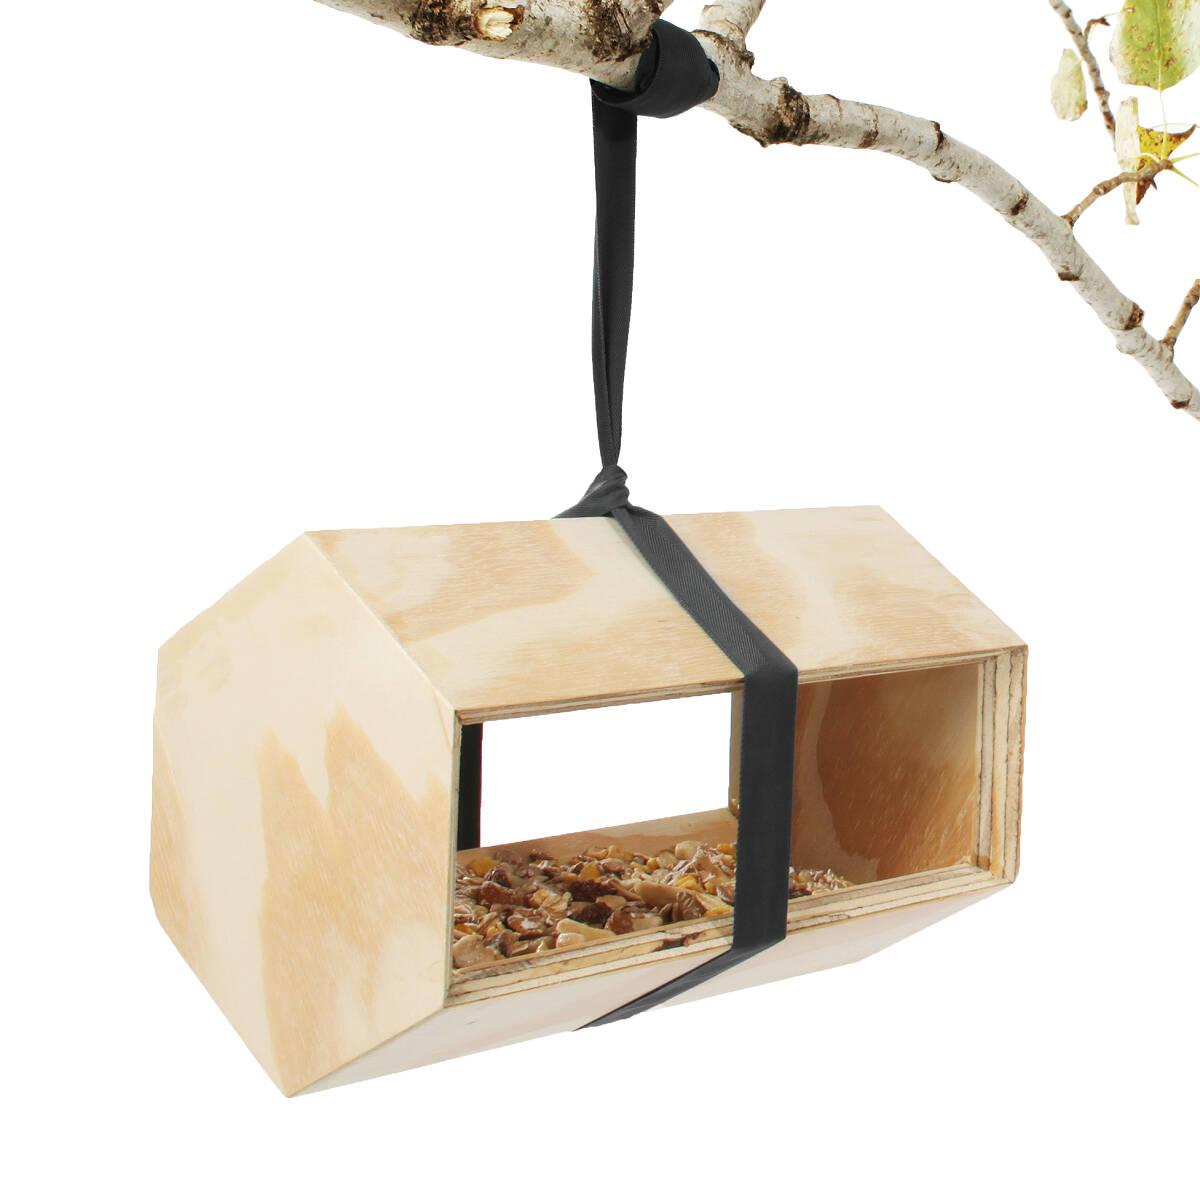 Birdhouse Modular Birdhouse And Feeder Bird Feeders Birdhouse Decorative